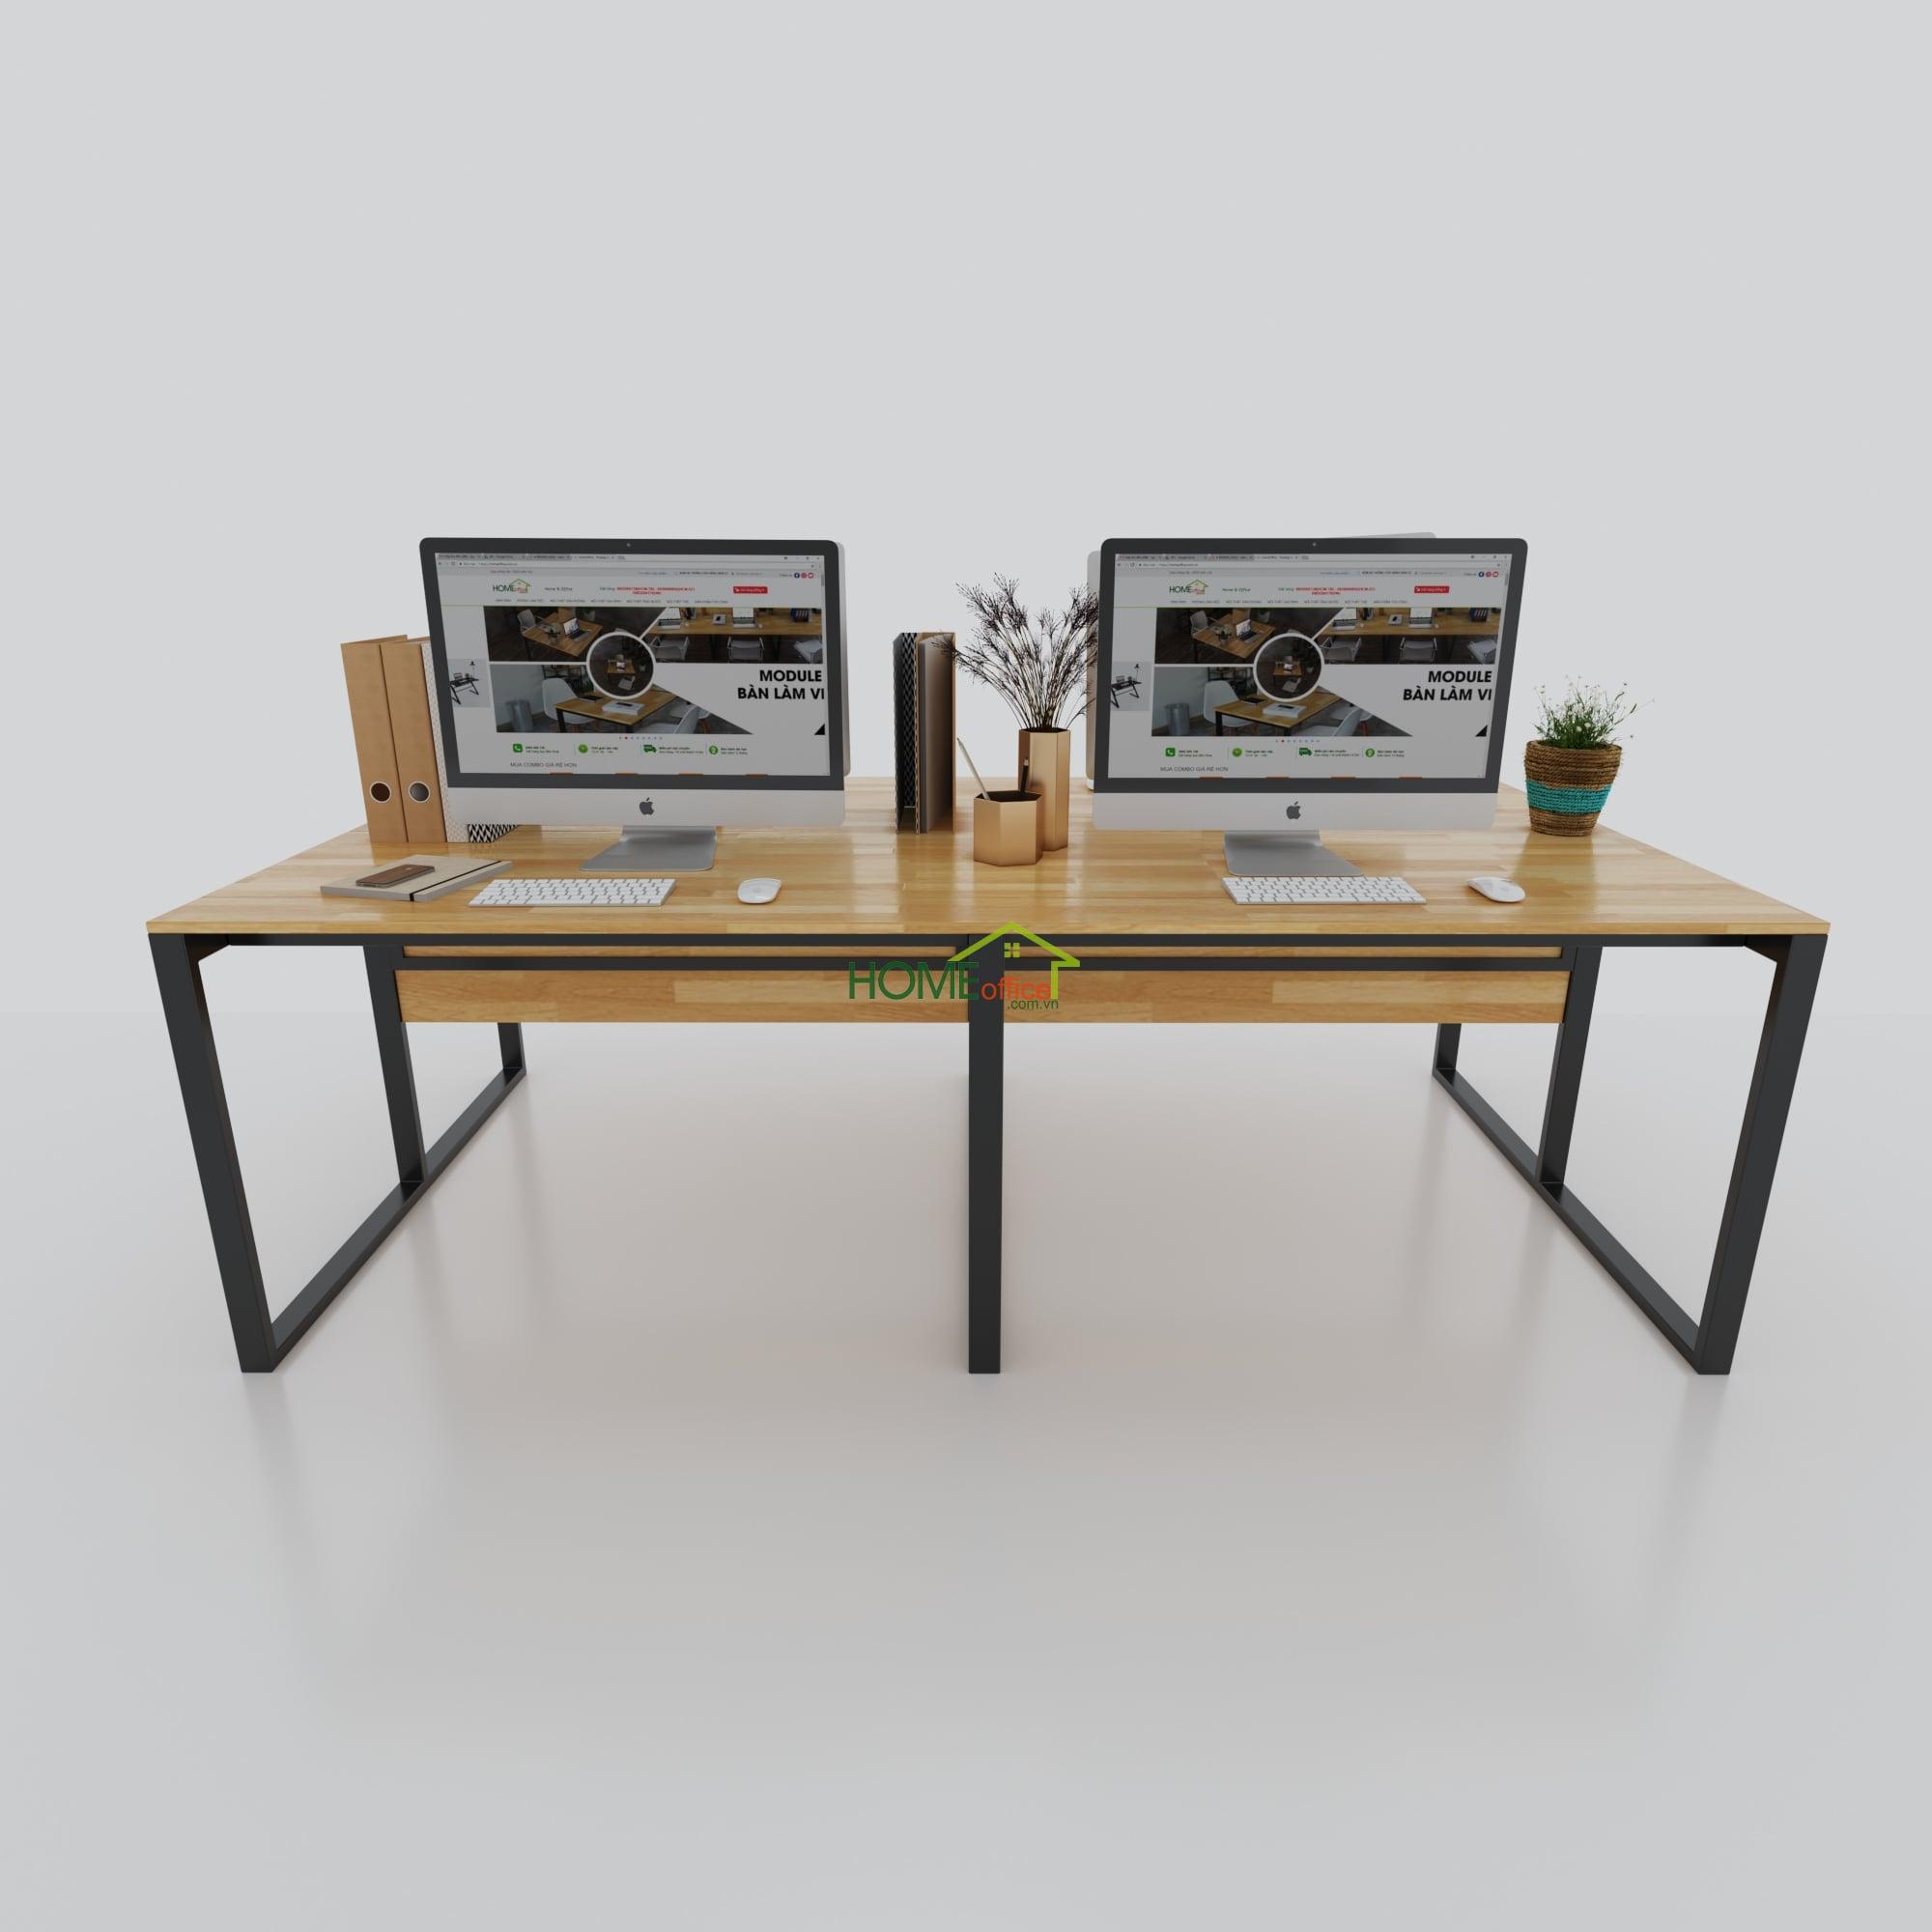 cụm bàn làm việc 4 người